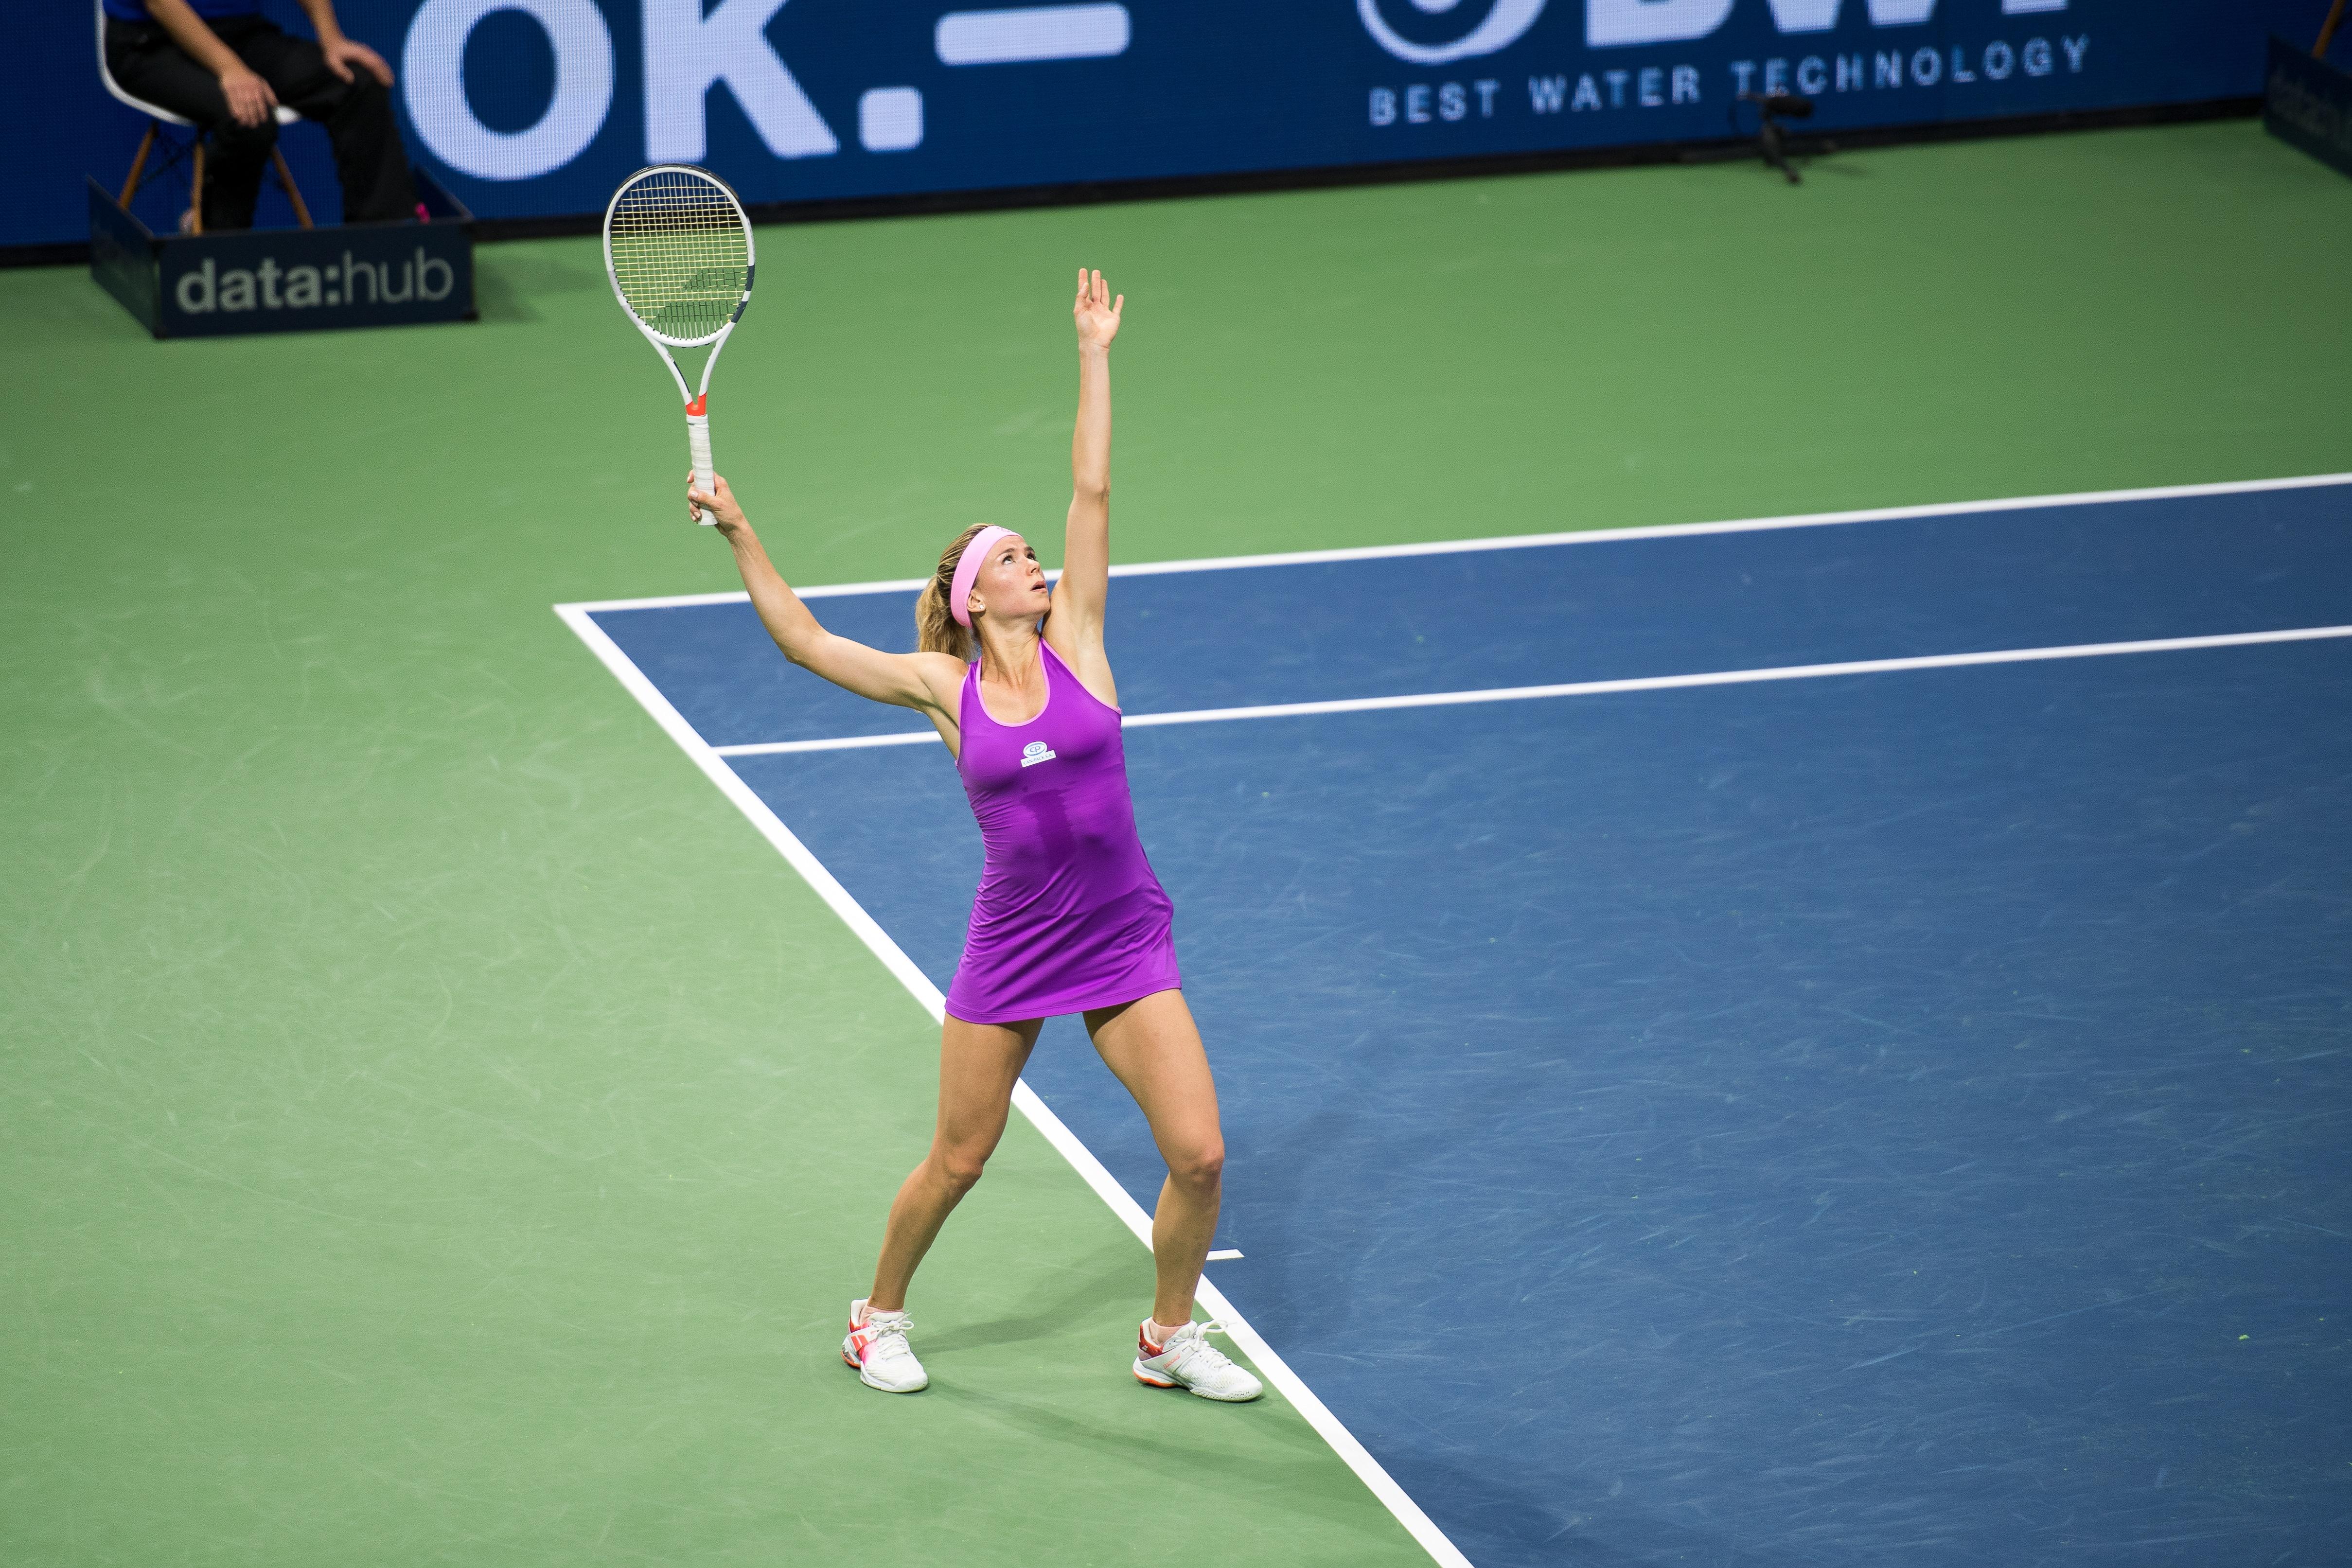 Bild einer Frau, welche Tennis spielt